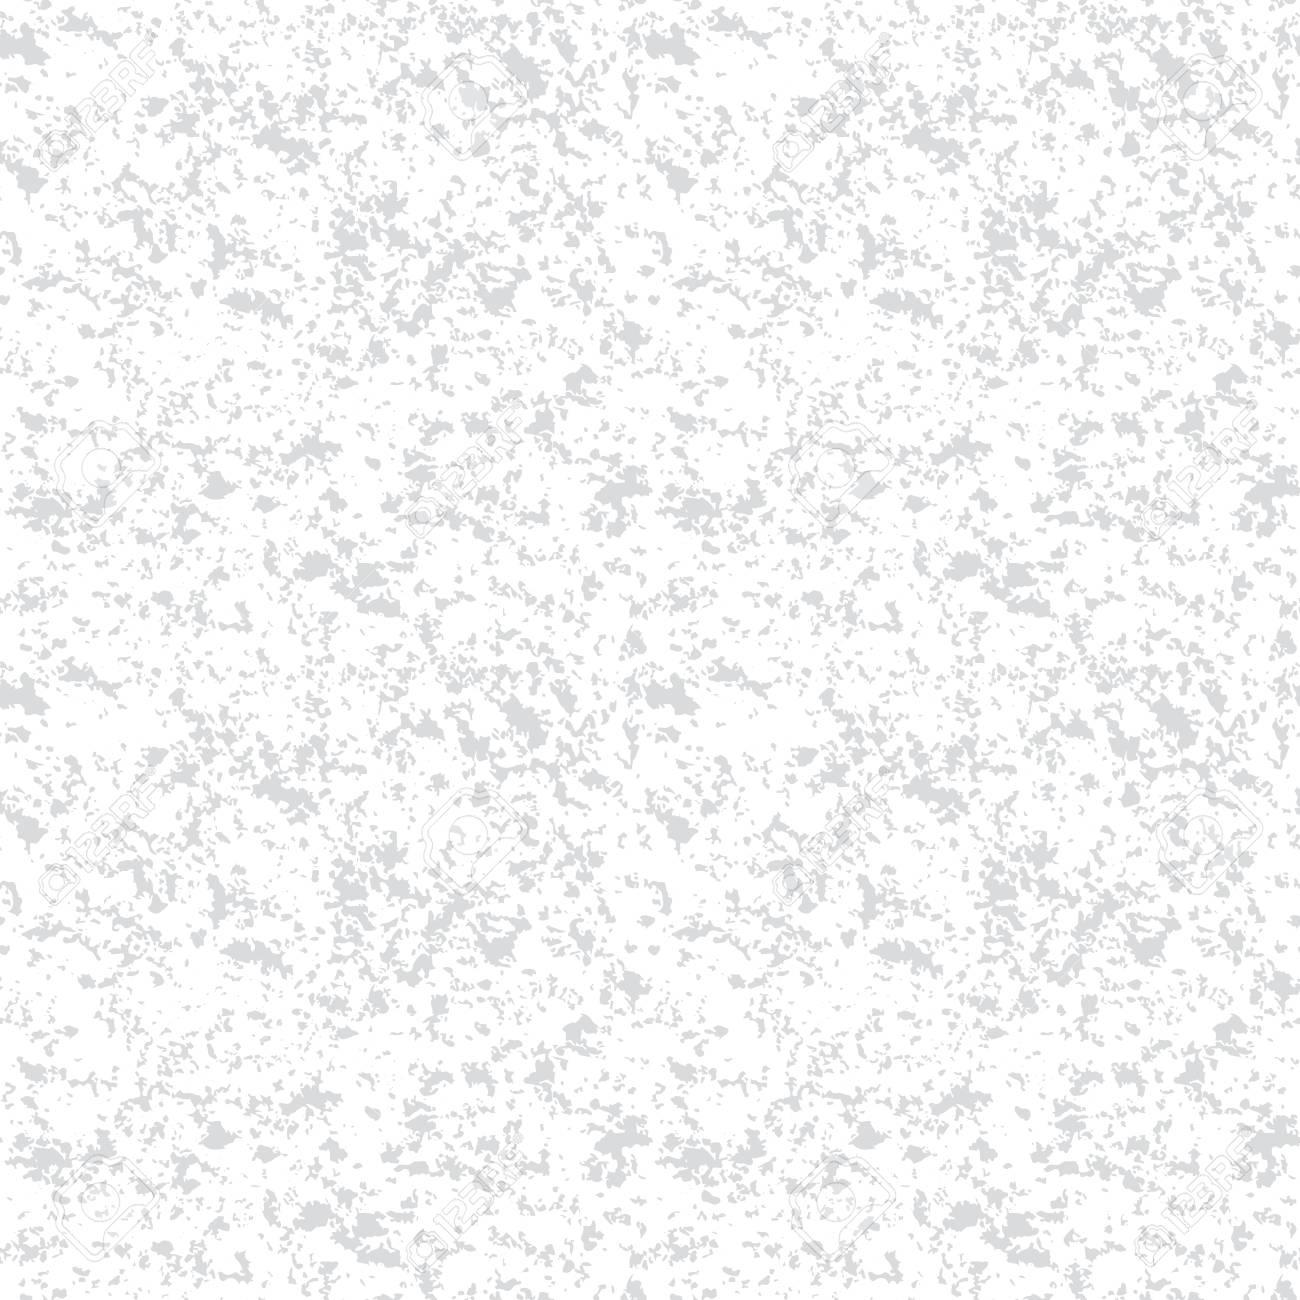 Vettoriale Vector Marmo Grigio Chiaro Pietra Senza Soluzione Di